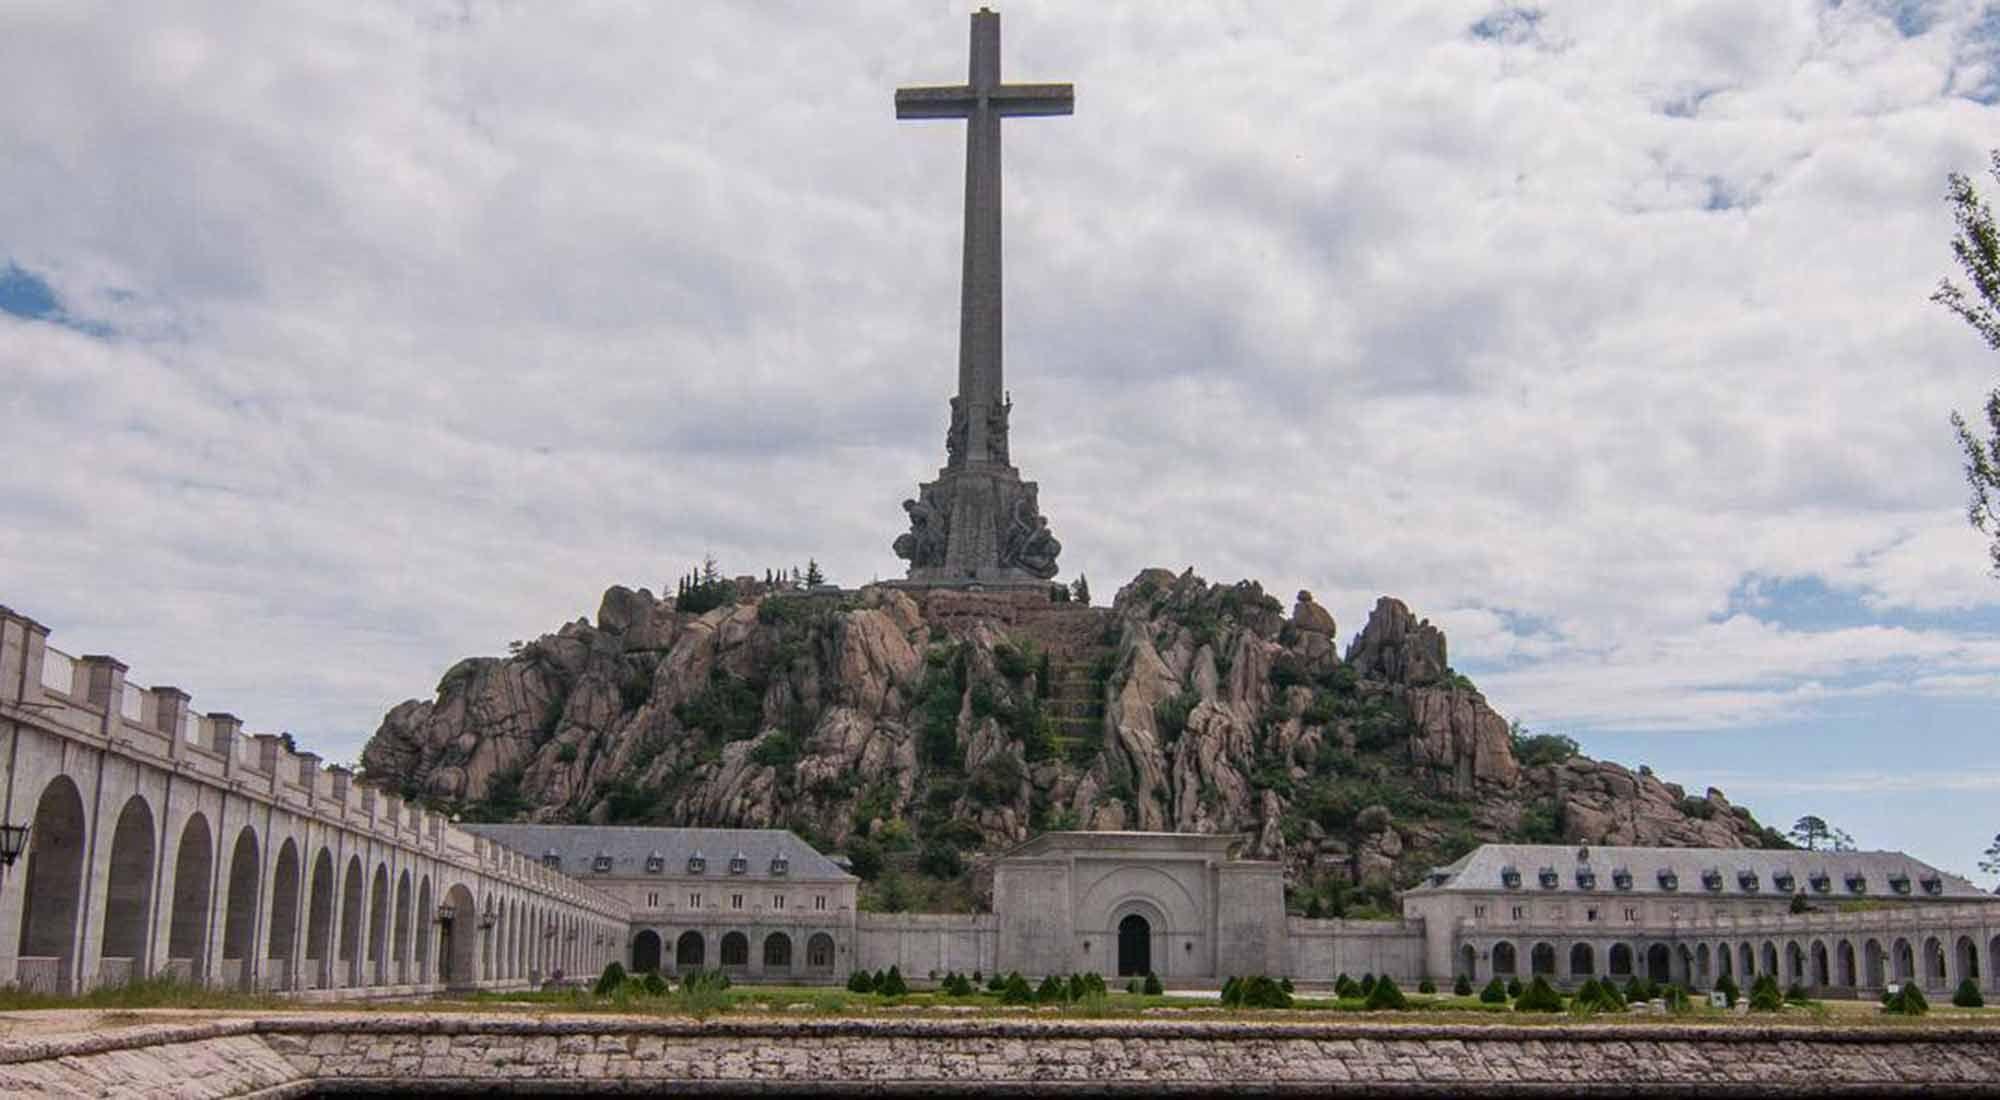 El Gobierno español ordenó reubicar los restos del dictador Francisco Franco